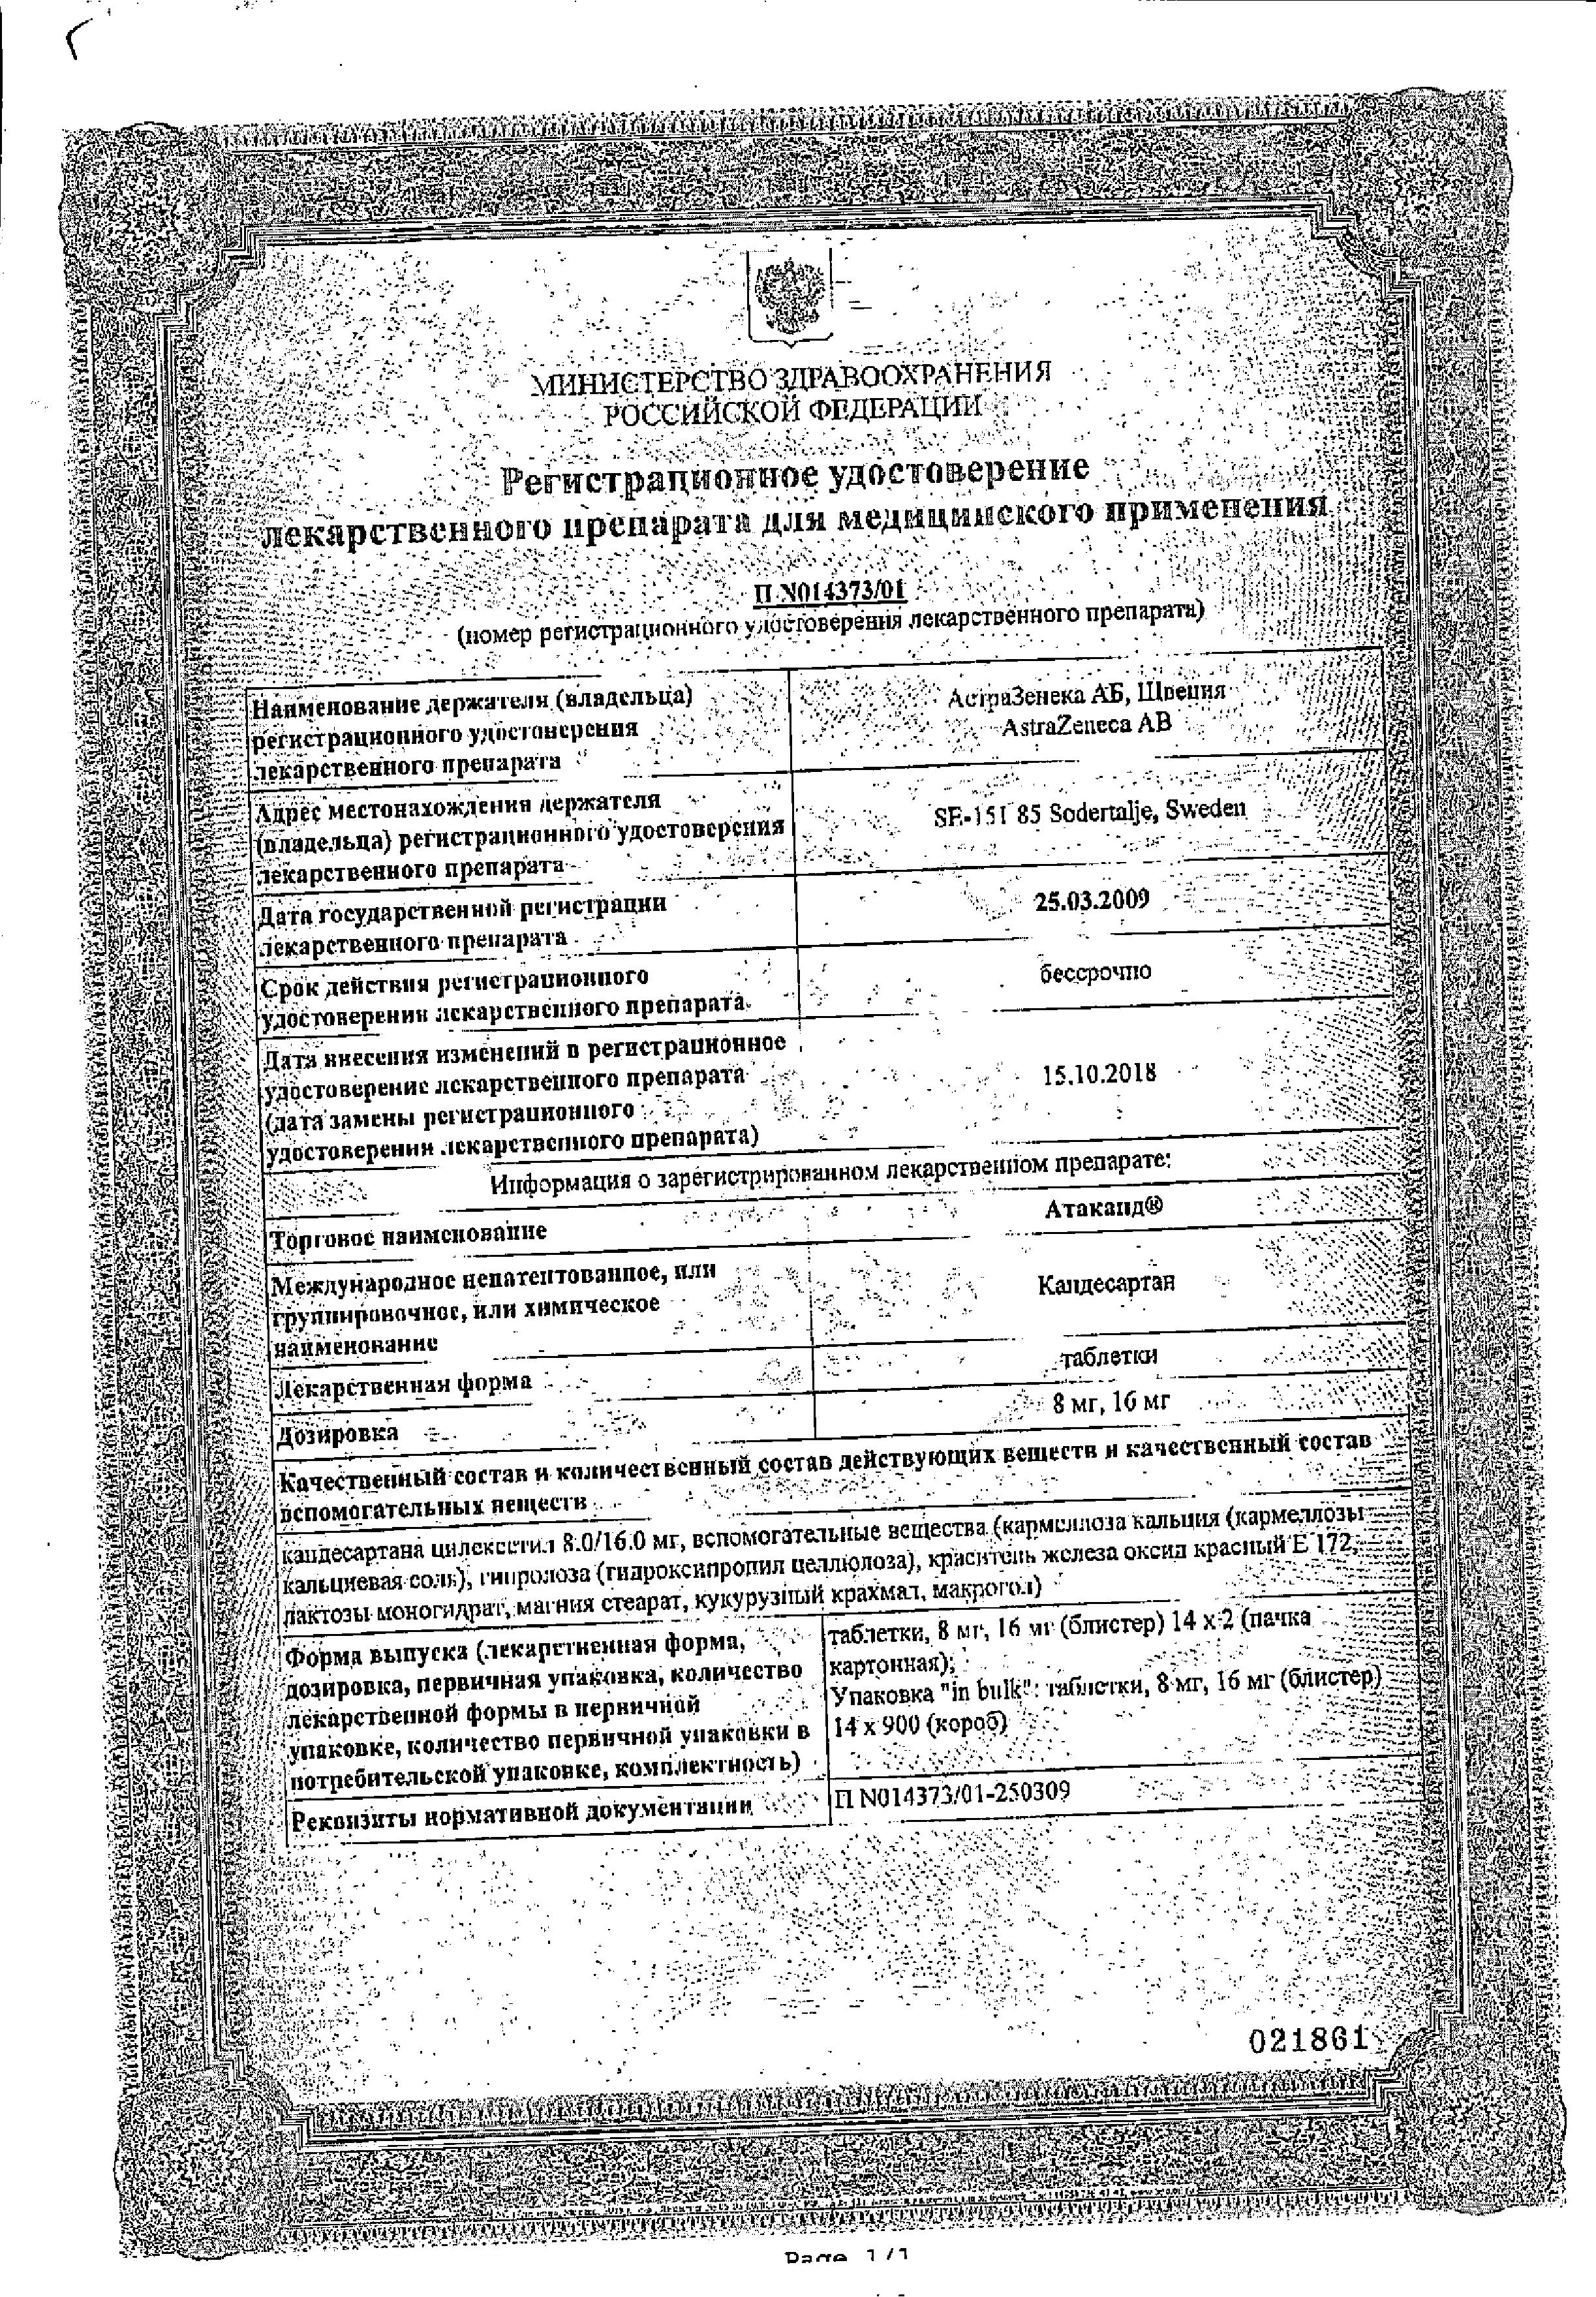 Атаканд сертификат